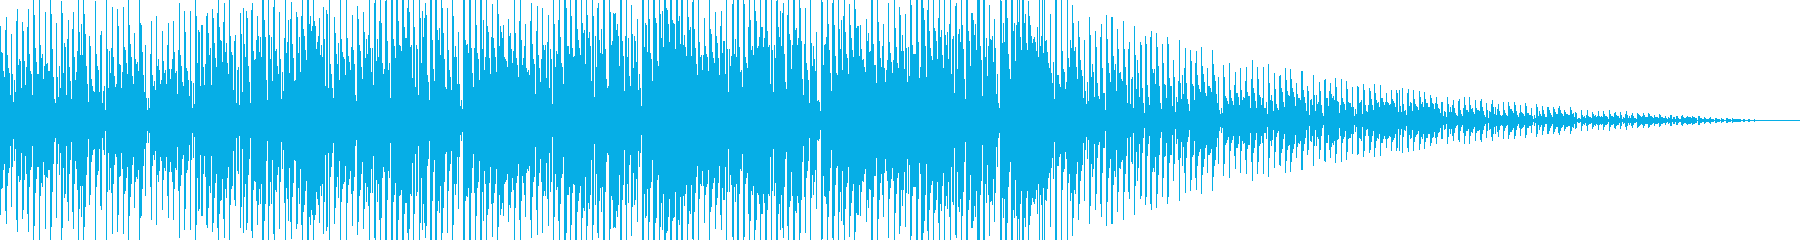 ダブでレゲェなジングル(シンセ音無し)の再生済みの波形